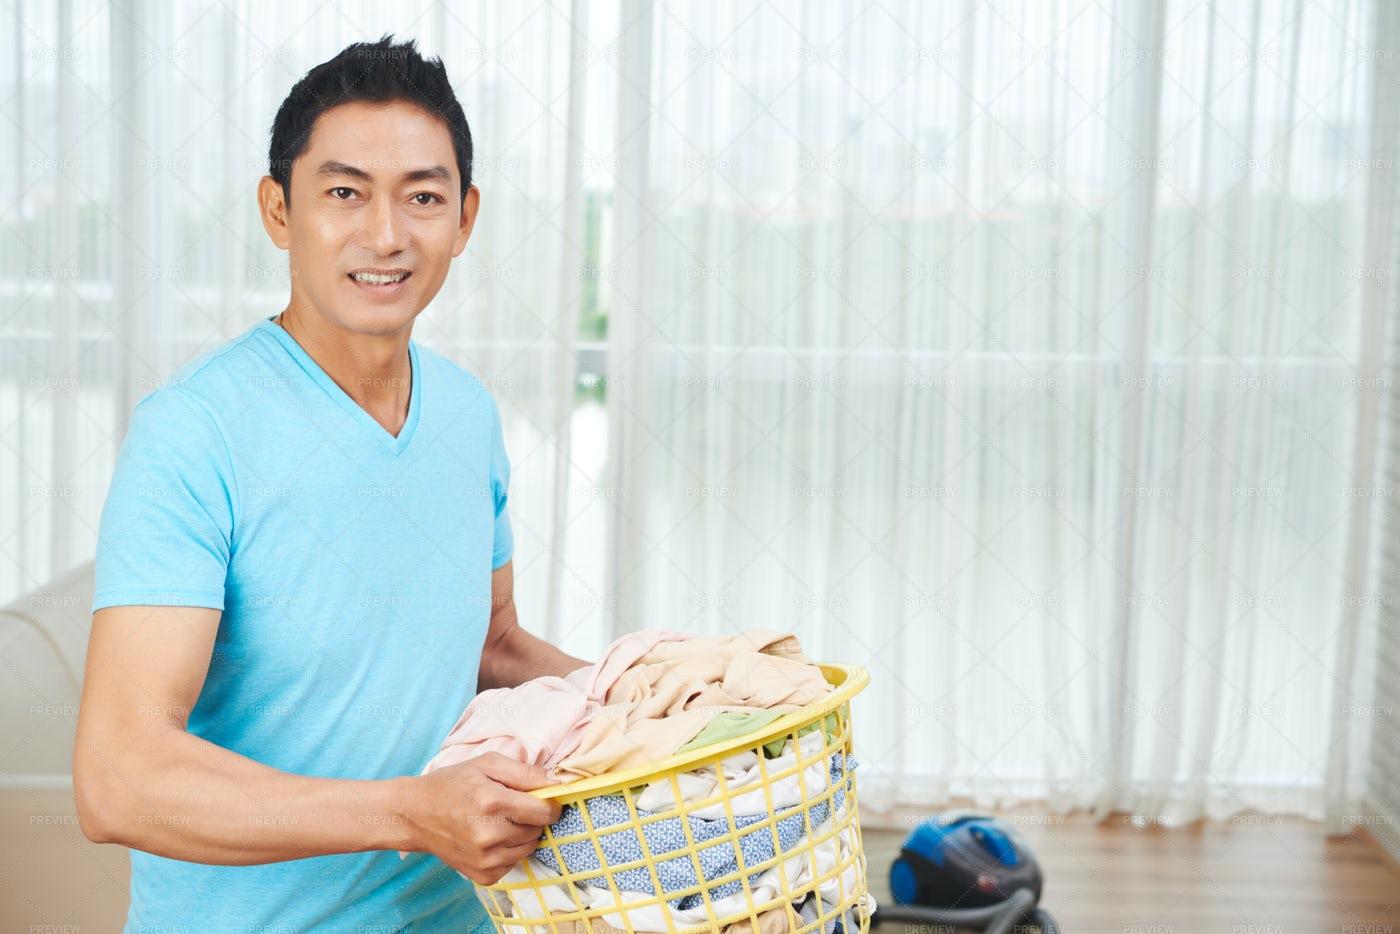 Laundry Day: Stock Photos